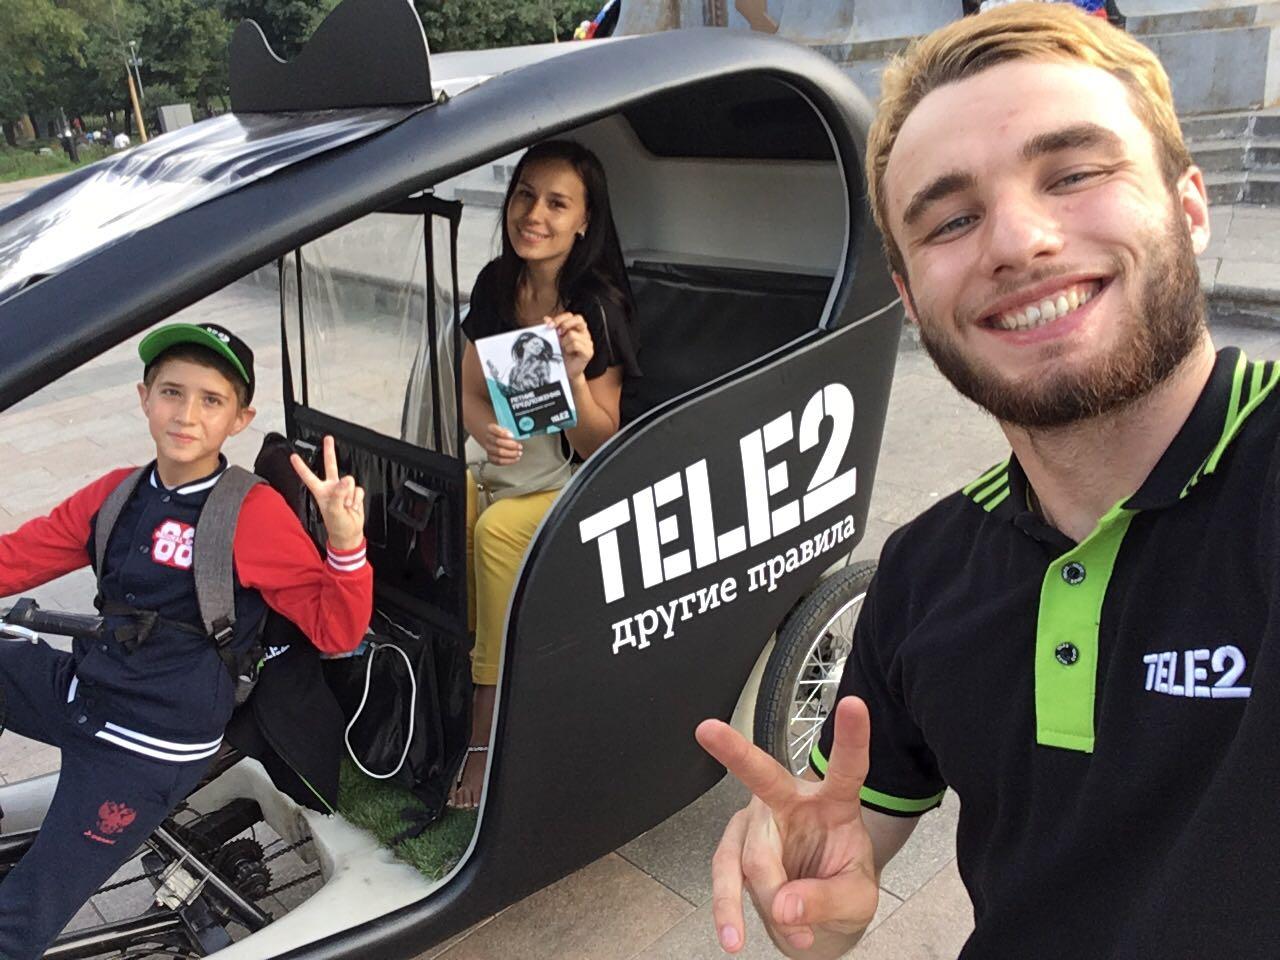 Сотовый оператор Tele2 запускает бесплатные велотакси вцентре Москвы